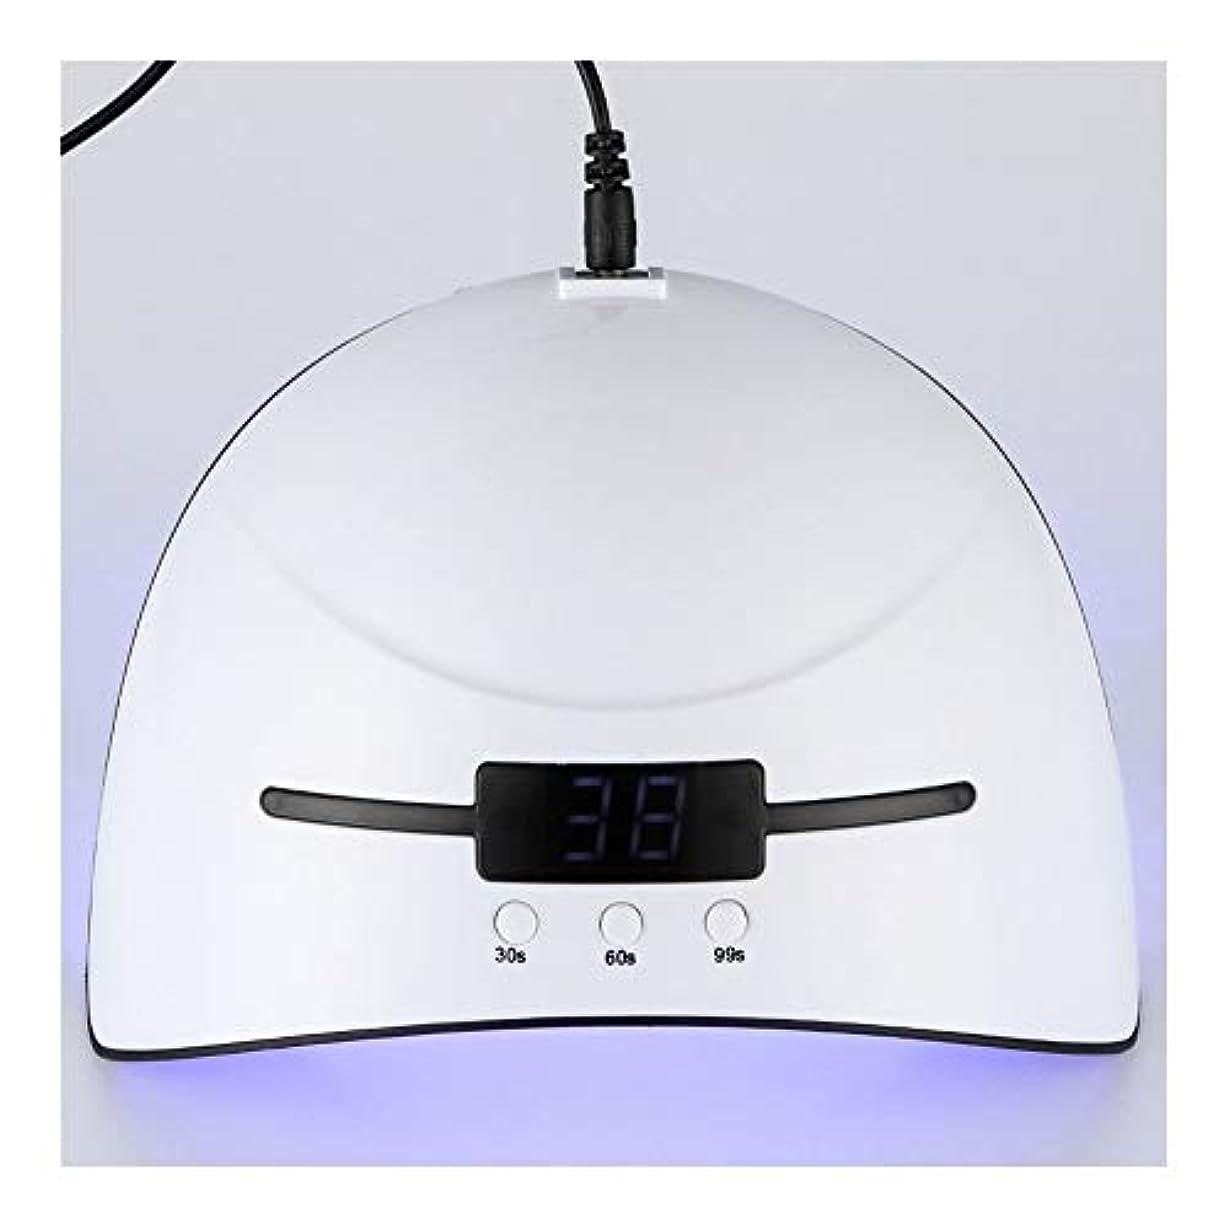 卒業最少負荷YESONEEP ネイル光線療法機36ワットインテリジェント誘導ledドライヤーネイルポリッシュ光線療法のりマニキュア光線処理焼くライトツール (Size : 36W)